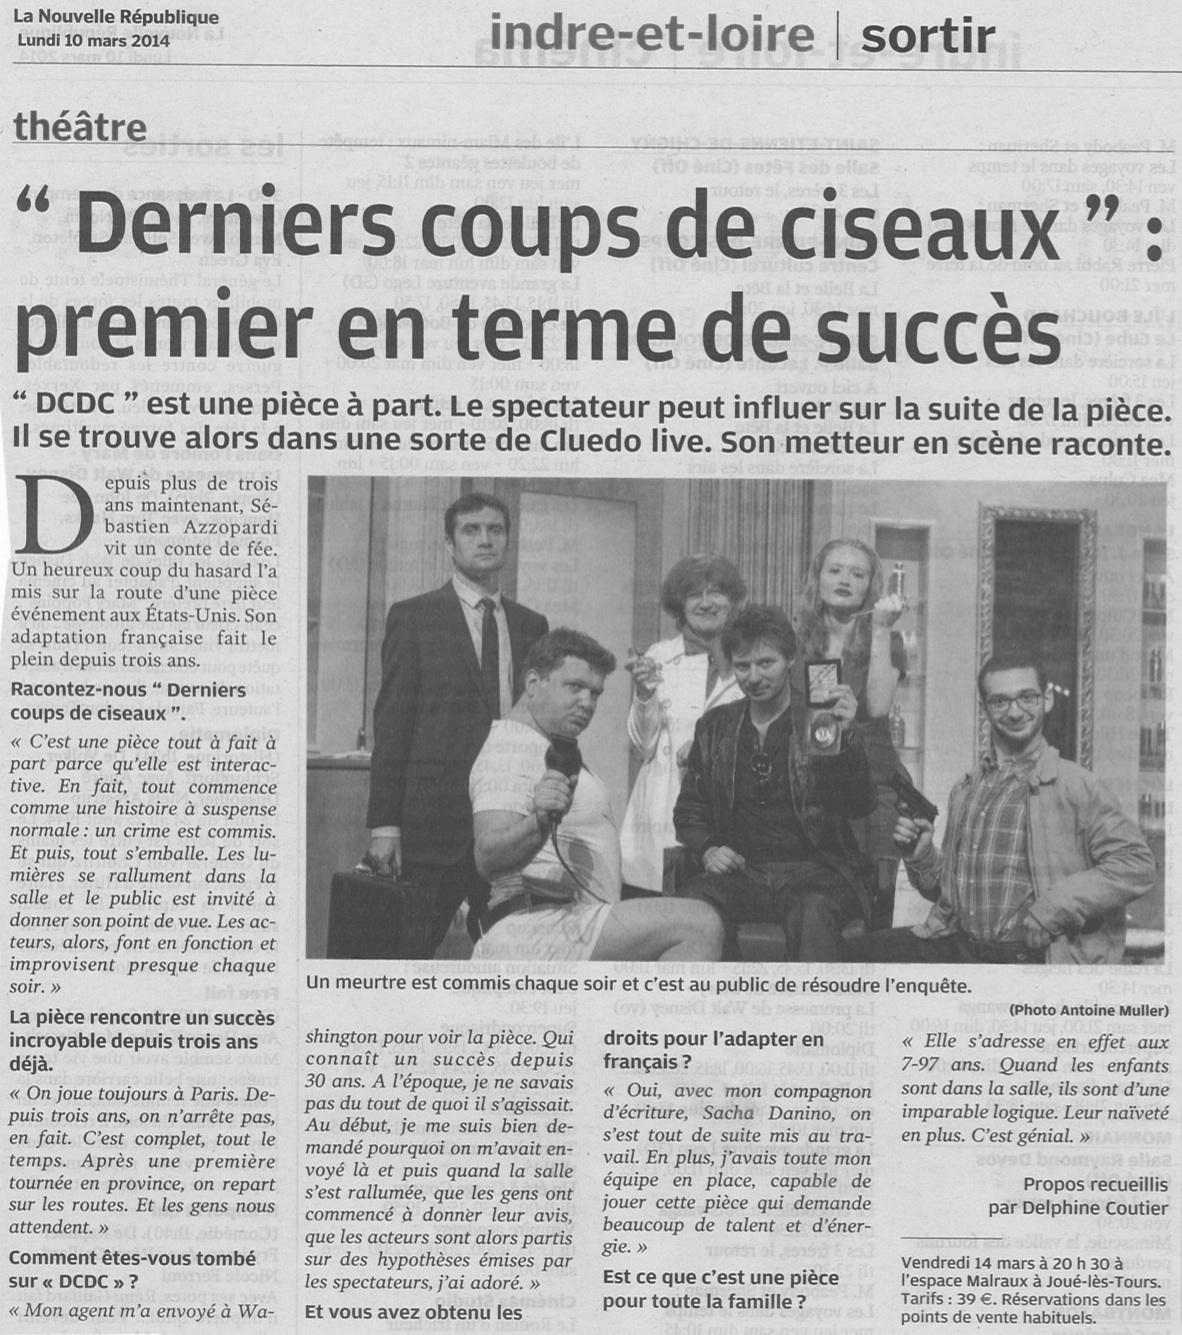 Nouvelle République Tours 10.03.14